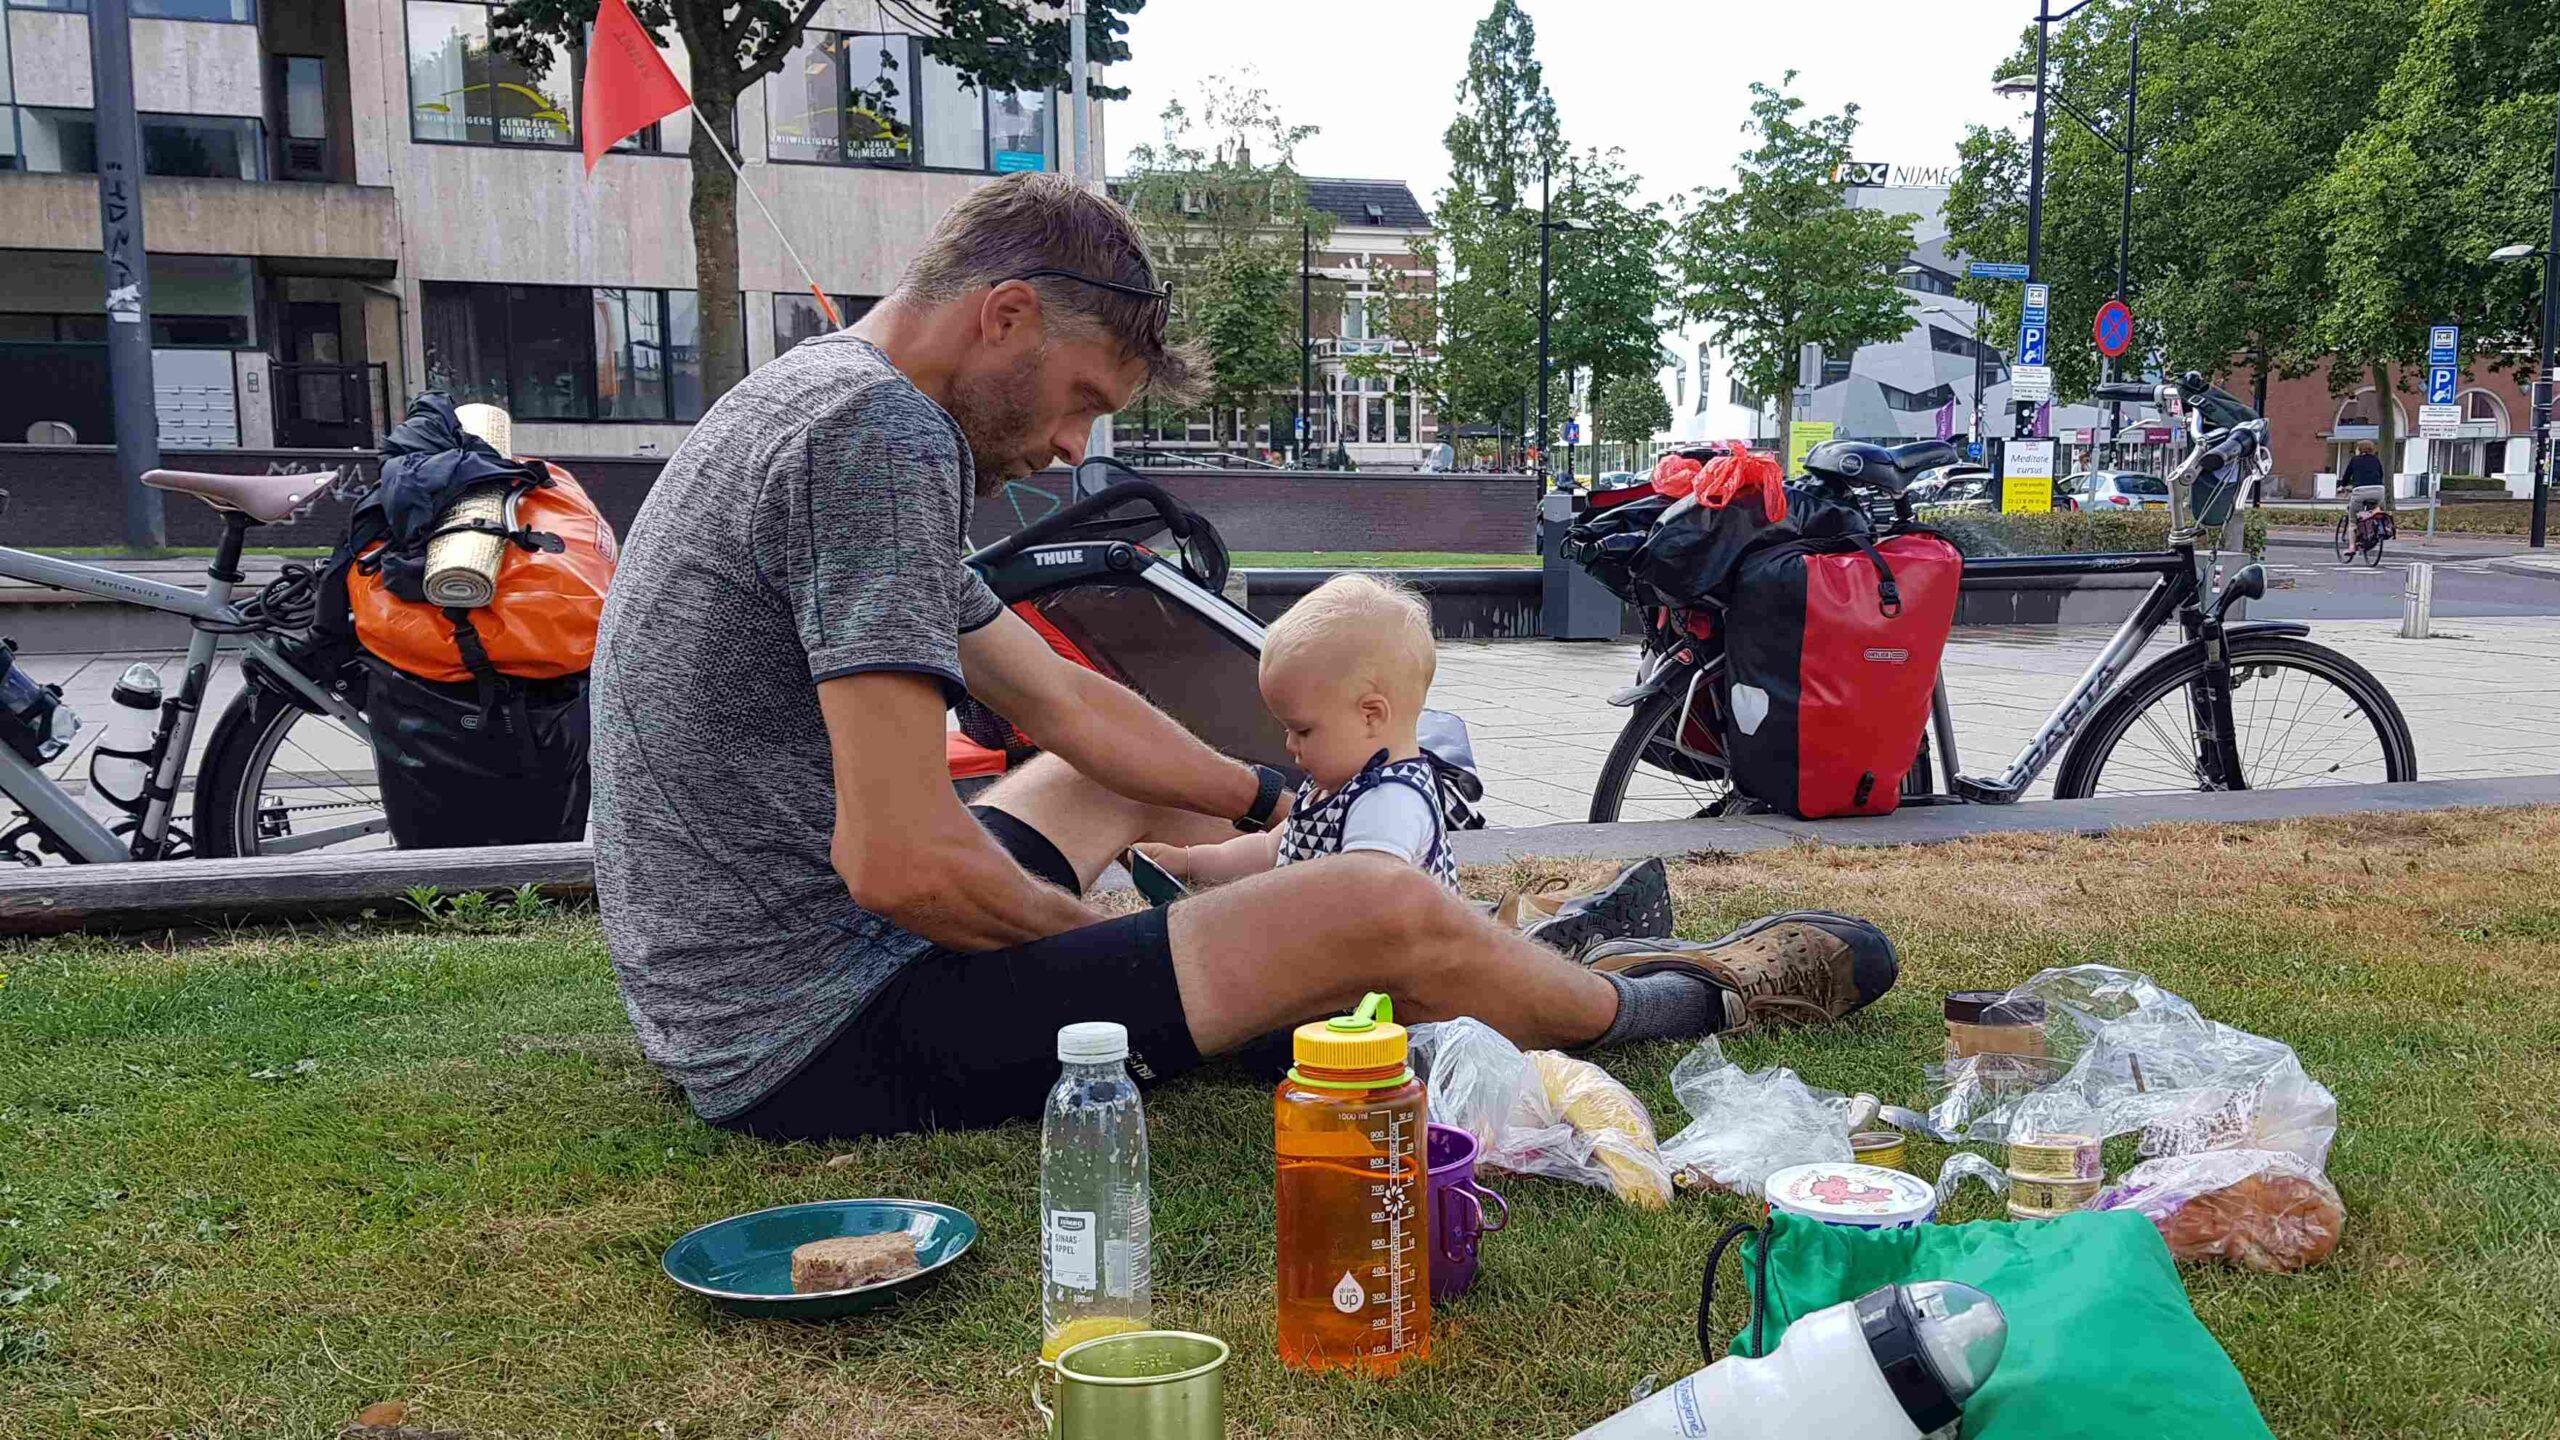 Ronde-van-Nederland-op-de-fiets-lunch-Nijmegen-Centraal